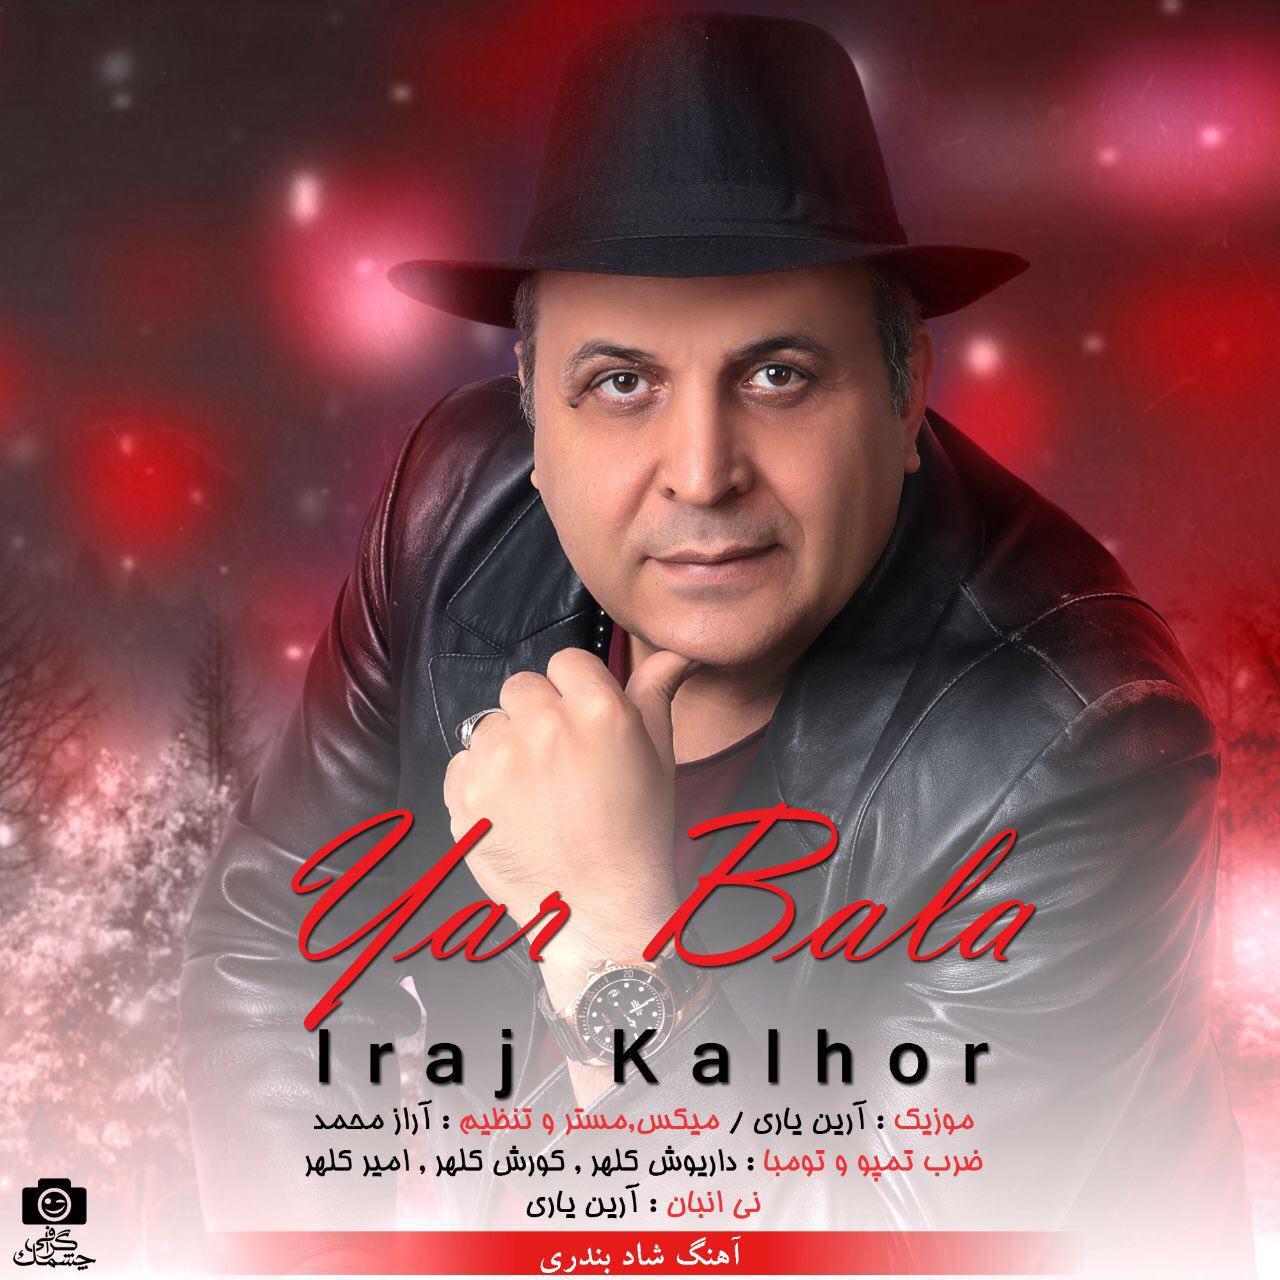 Iraj Kalhor – Yar Bala